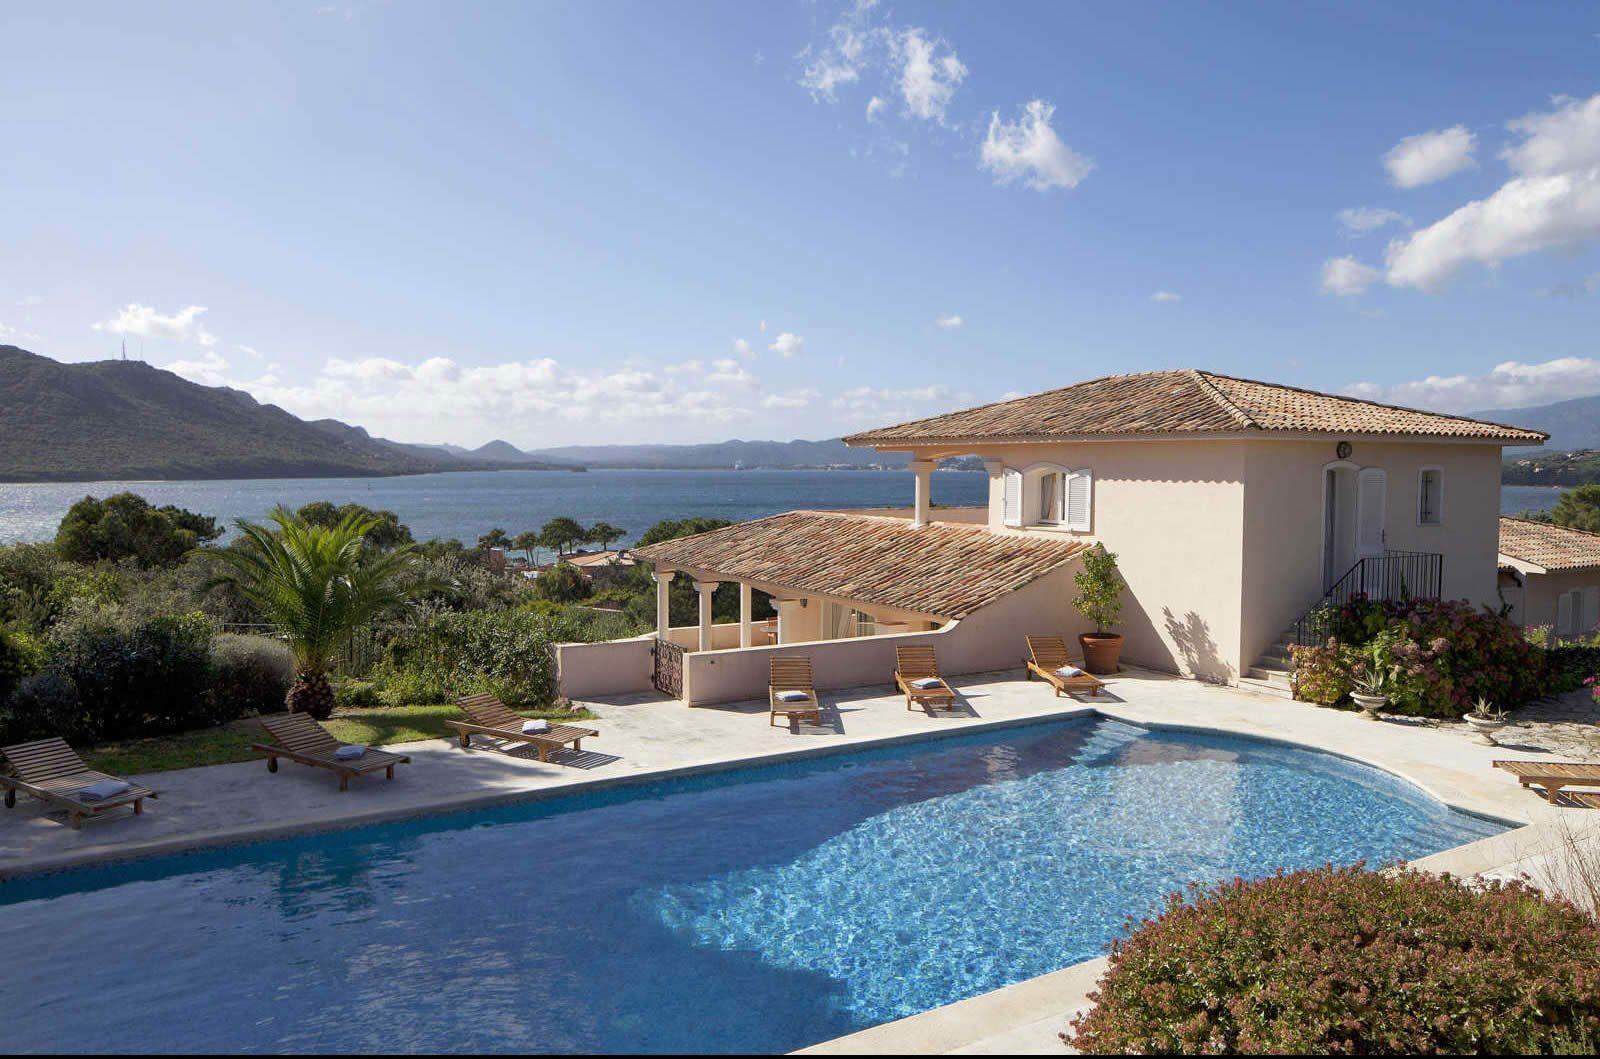 Louer une villa en corse nord ou sud avec piscine for Villa vacances piscine